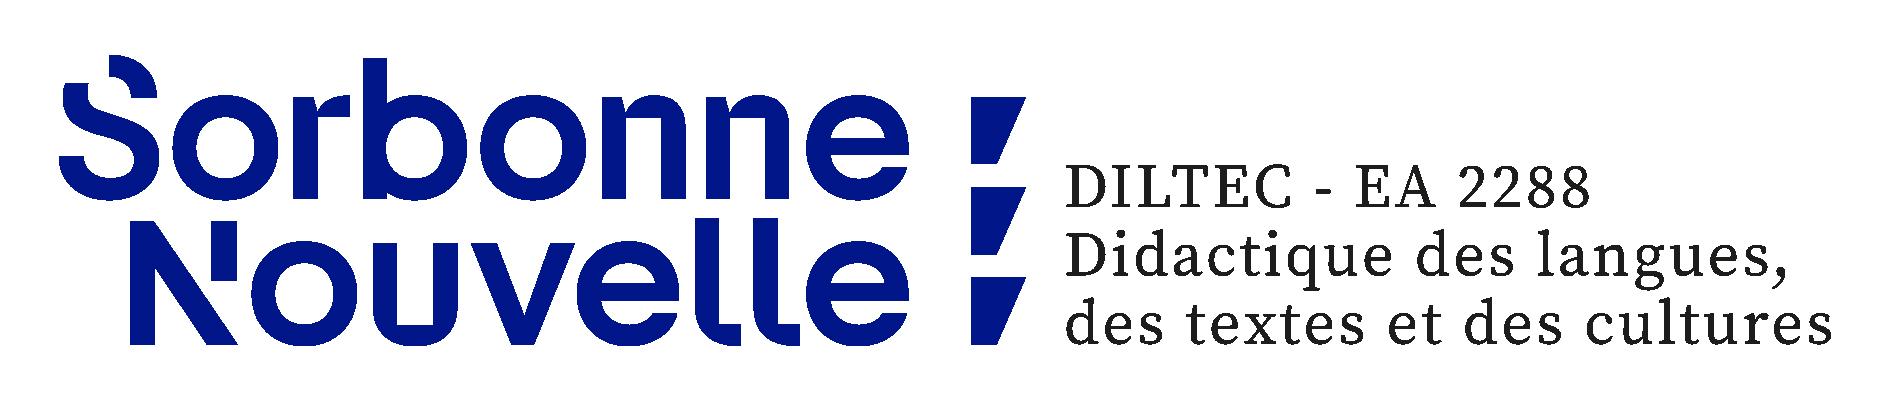 Sorbonne Nouvelle. Diltec EA 2288. Didactique des langues, des textes et des cultures.